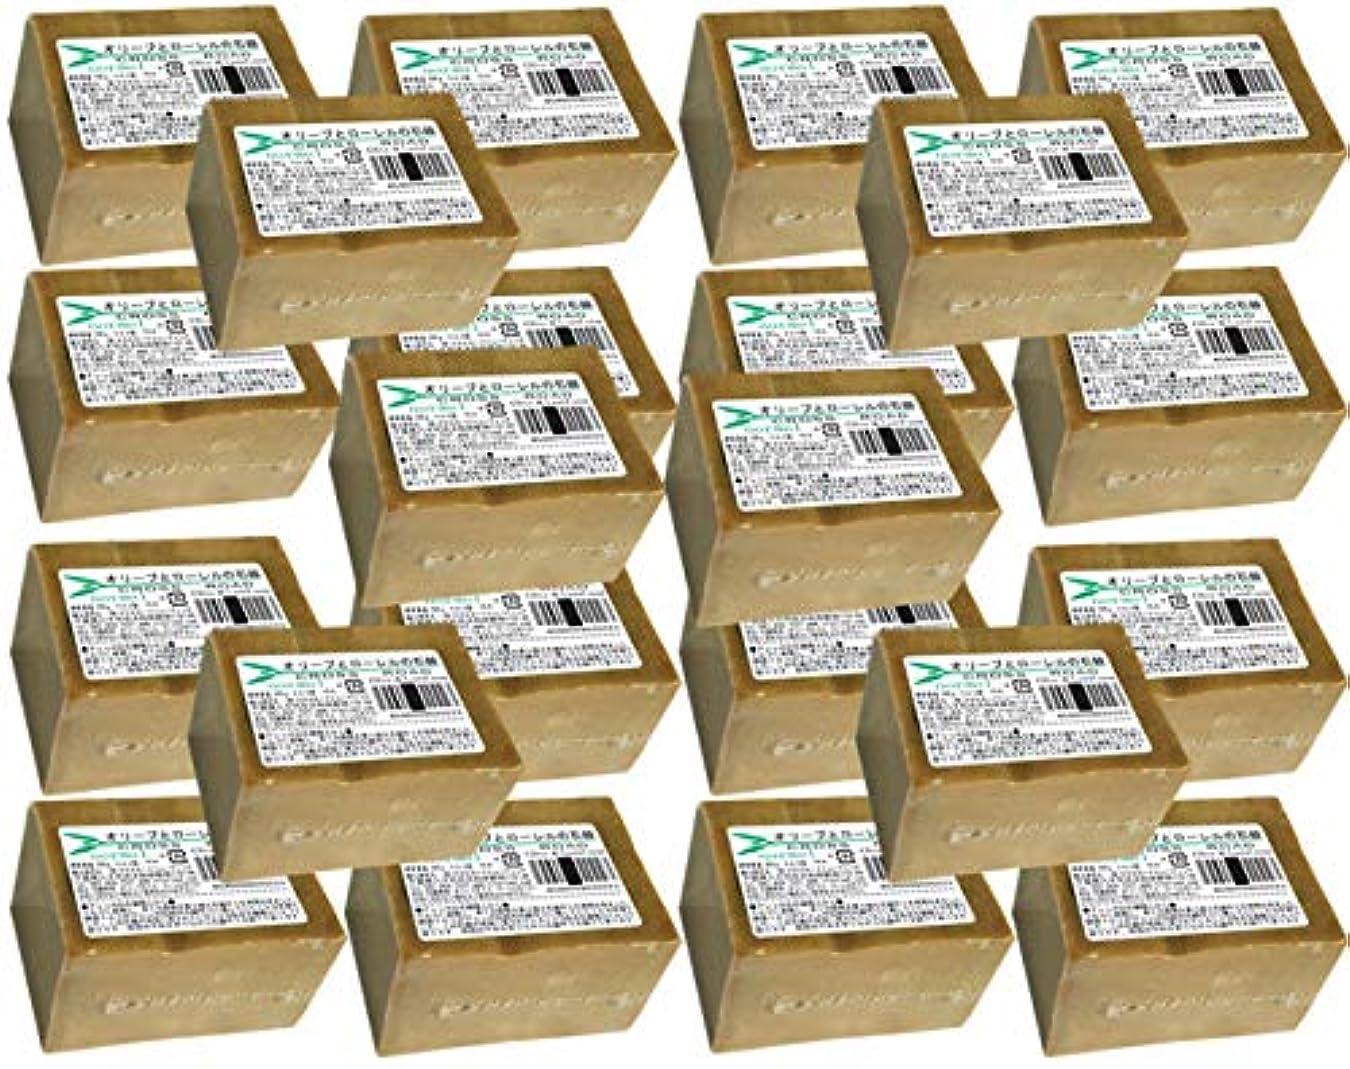 信じる本部お肉オリーブとローレルの石鹸(ノーマル)22個セット[並行輸入品]